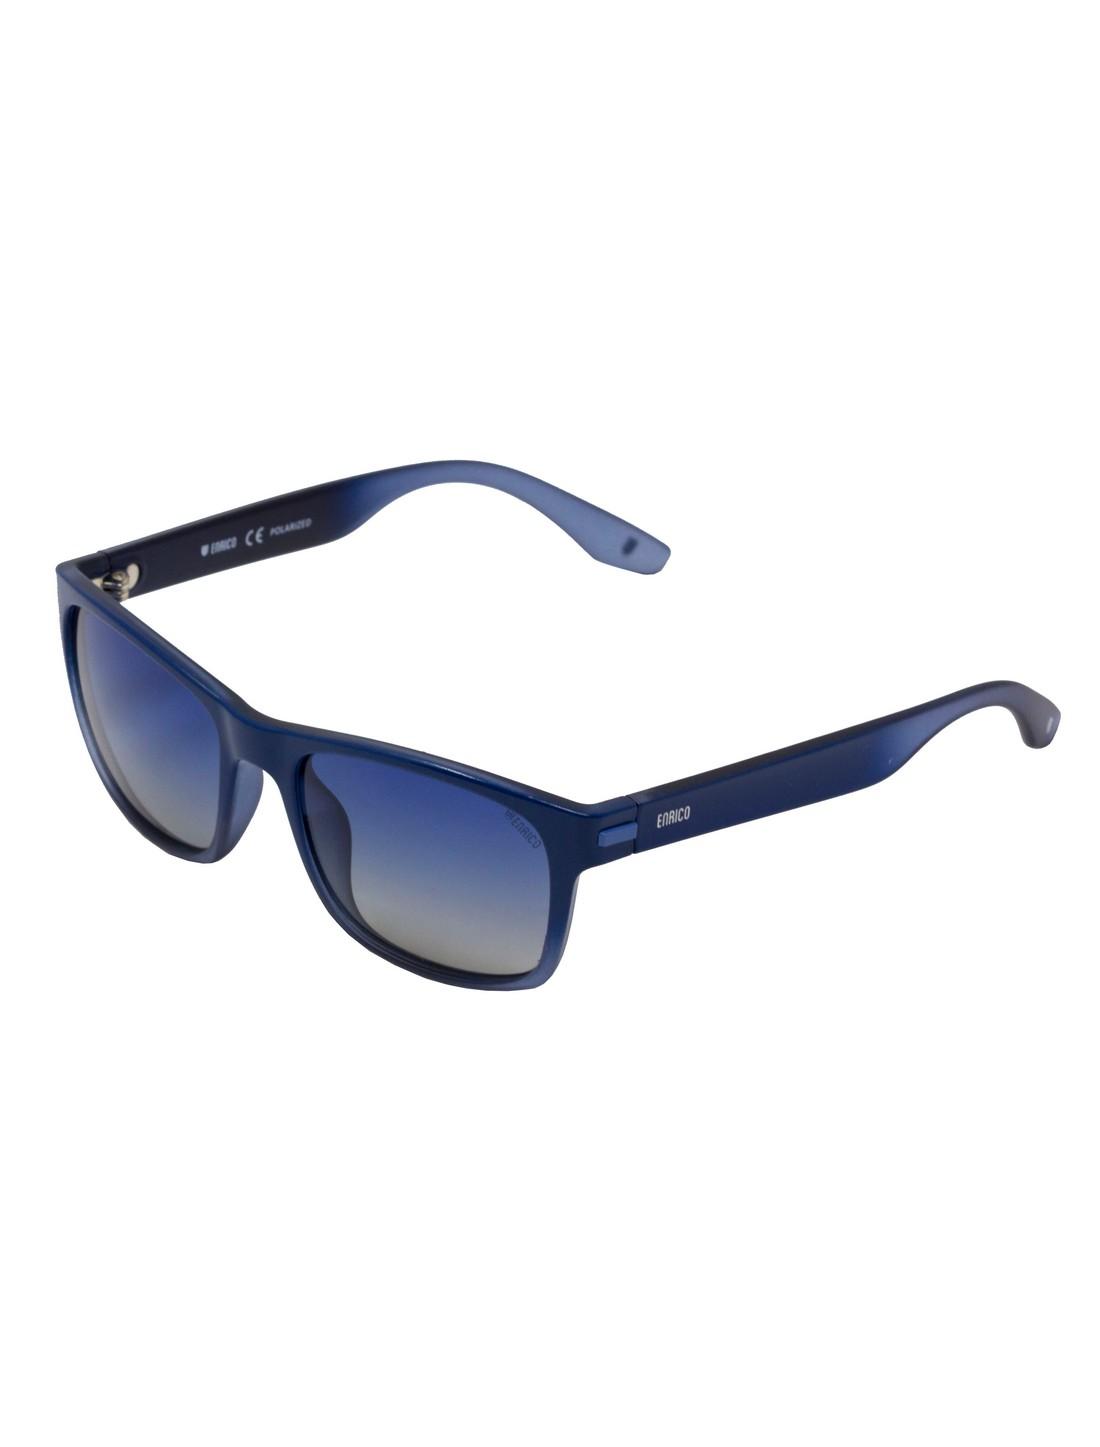 ENRICO   ENRICO Blueberry UV Protected & Polarized Sunglasses for Men ( Lens - Blue   Frame - Blue)